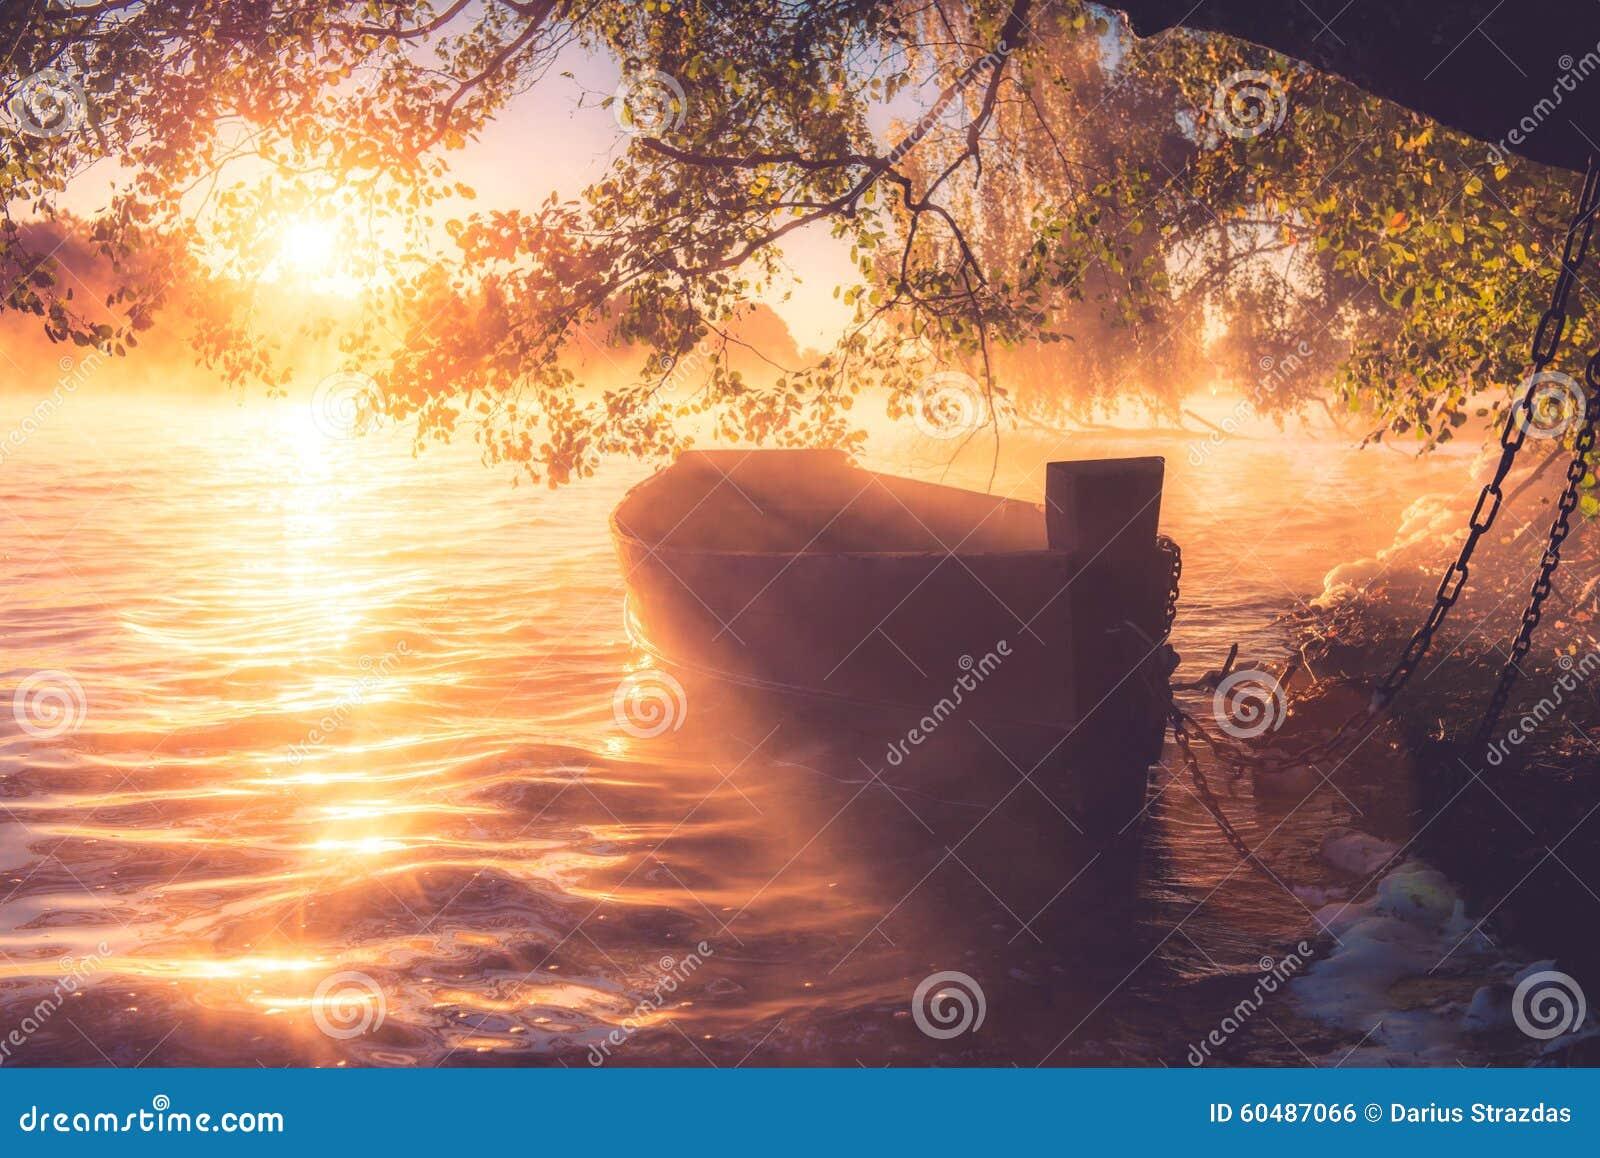 Misty sunrise lake